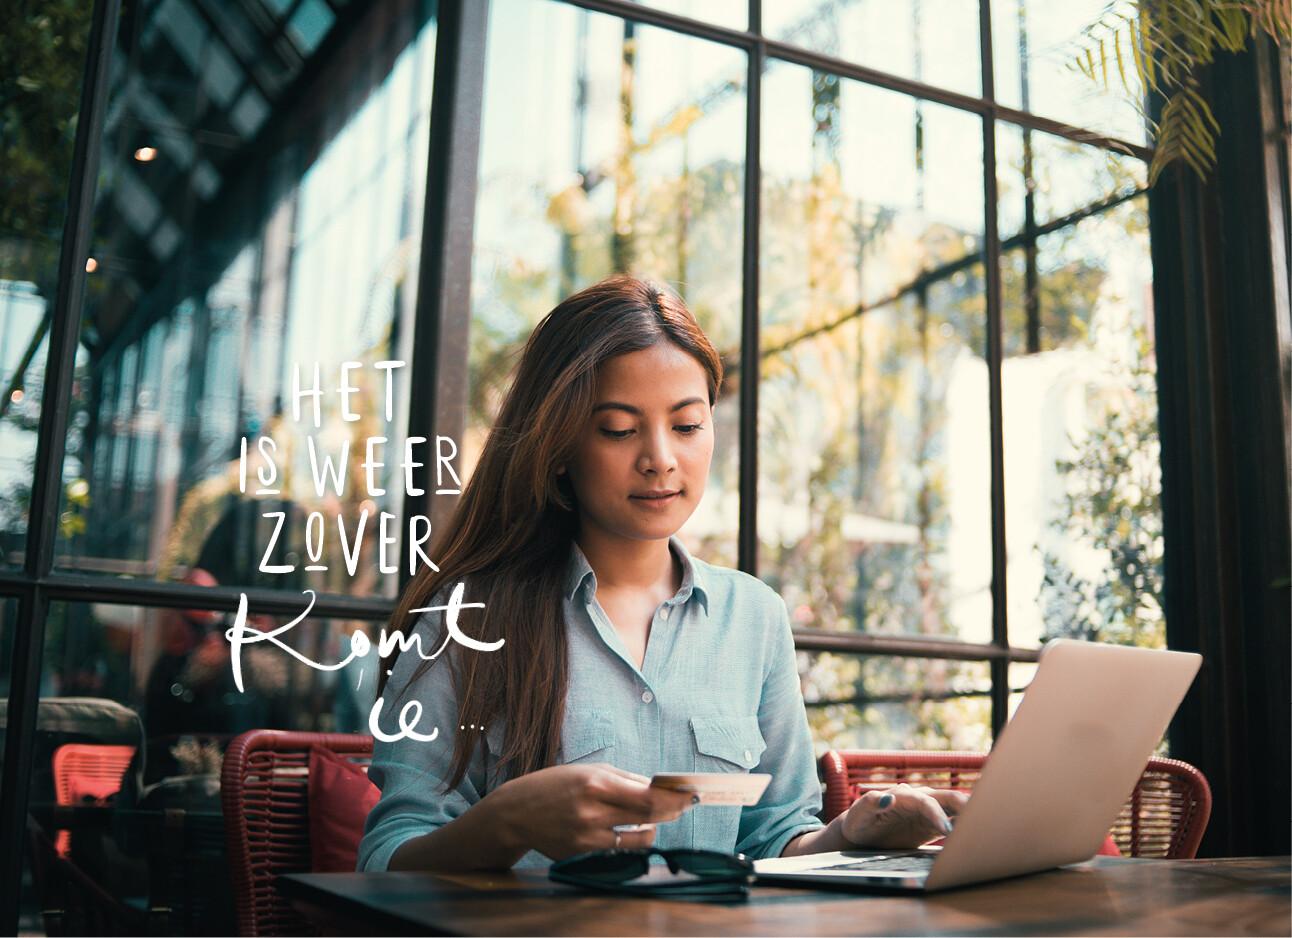 vrouw online winkelen achter haar laptop